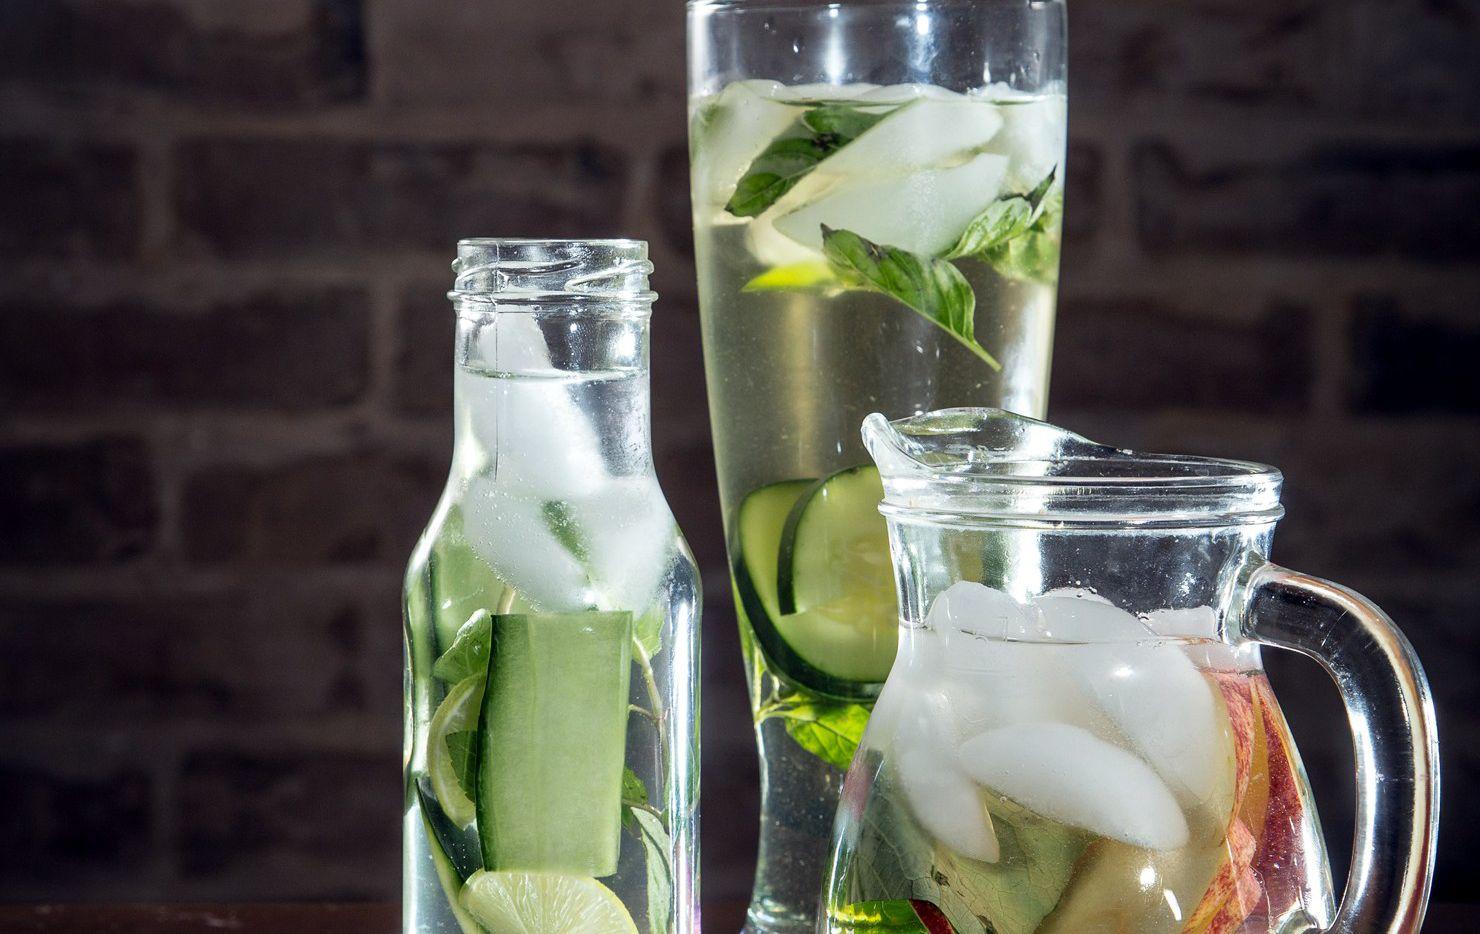 De todas las bebidas refrescantes, son la limonada y las naranjadas las más conocidas, pero no son las únicas que se pueden elaborar./AGENCIA REFORMA